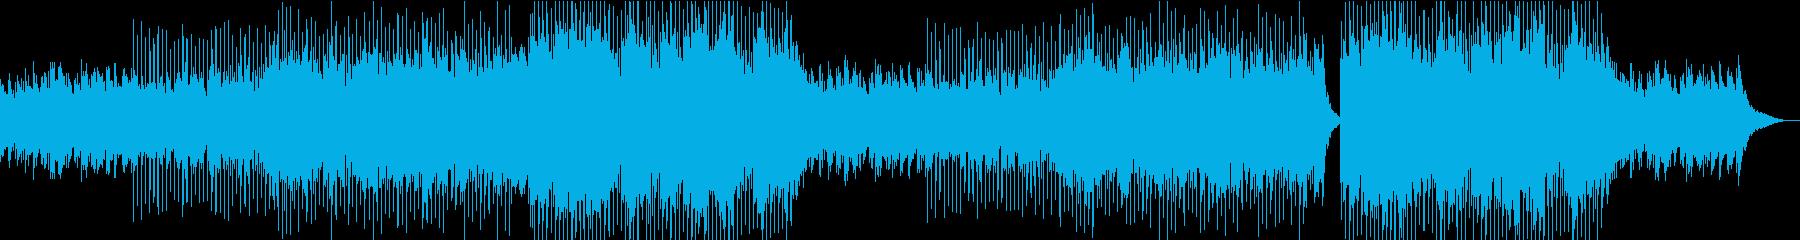 透明感のあるコーラスとピアノの日常BGMの再生済みの波形